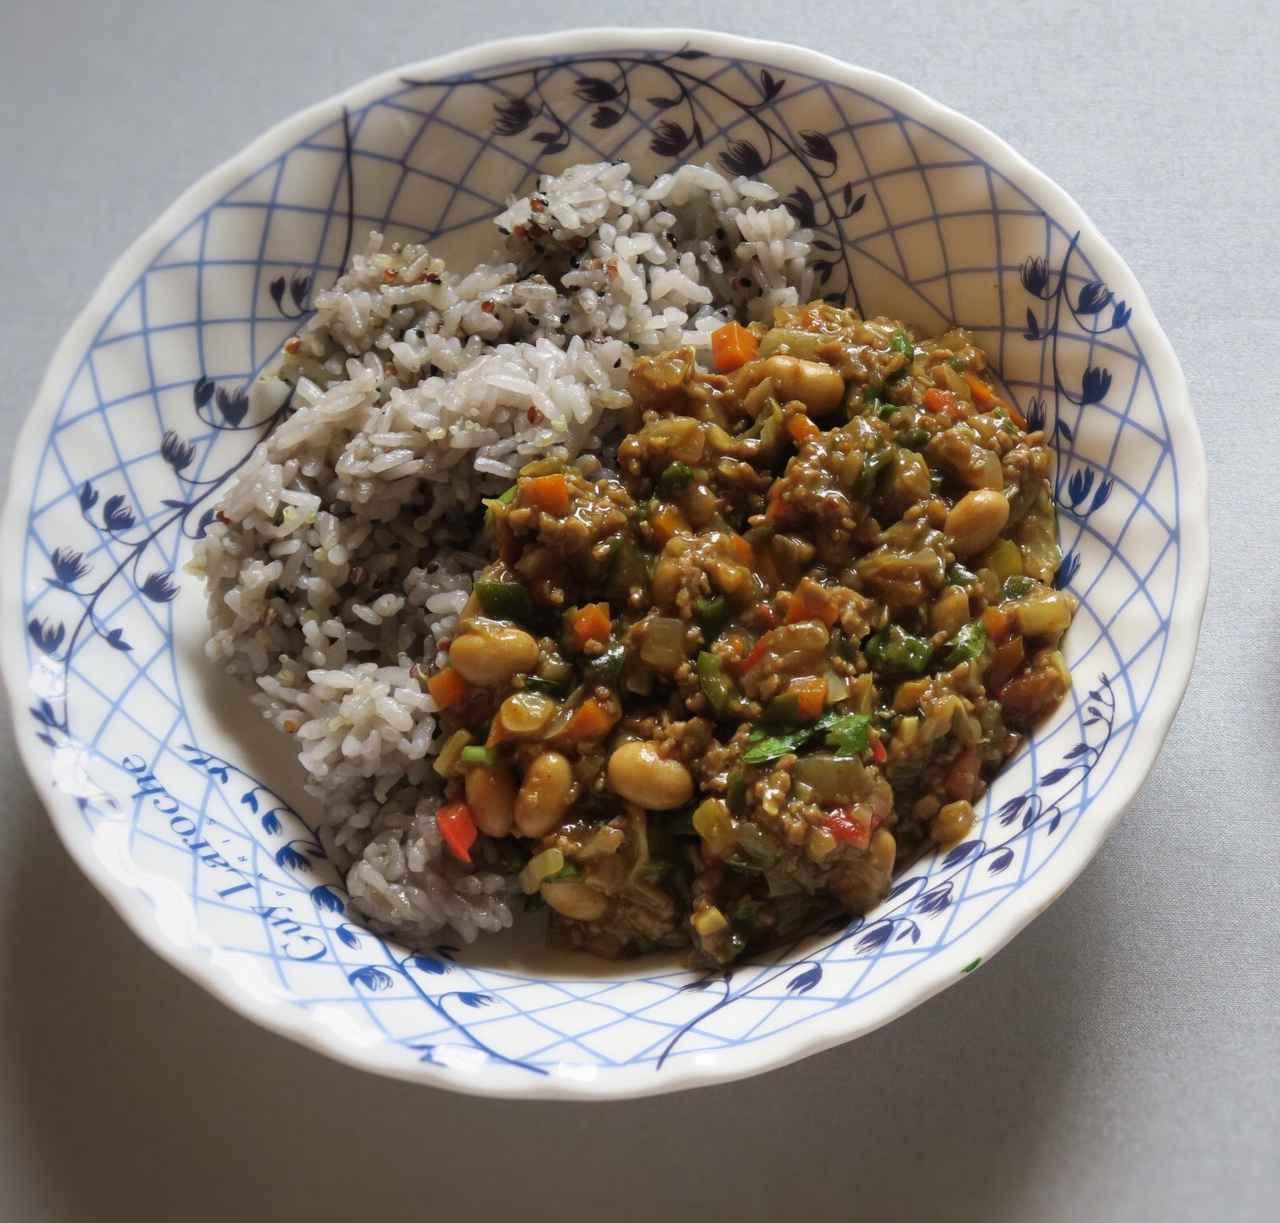 画像: 野菜+大豆の水煮缶で作ったドライカレーの応用例。